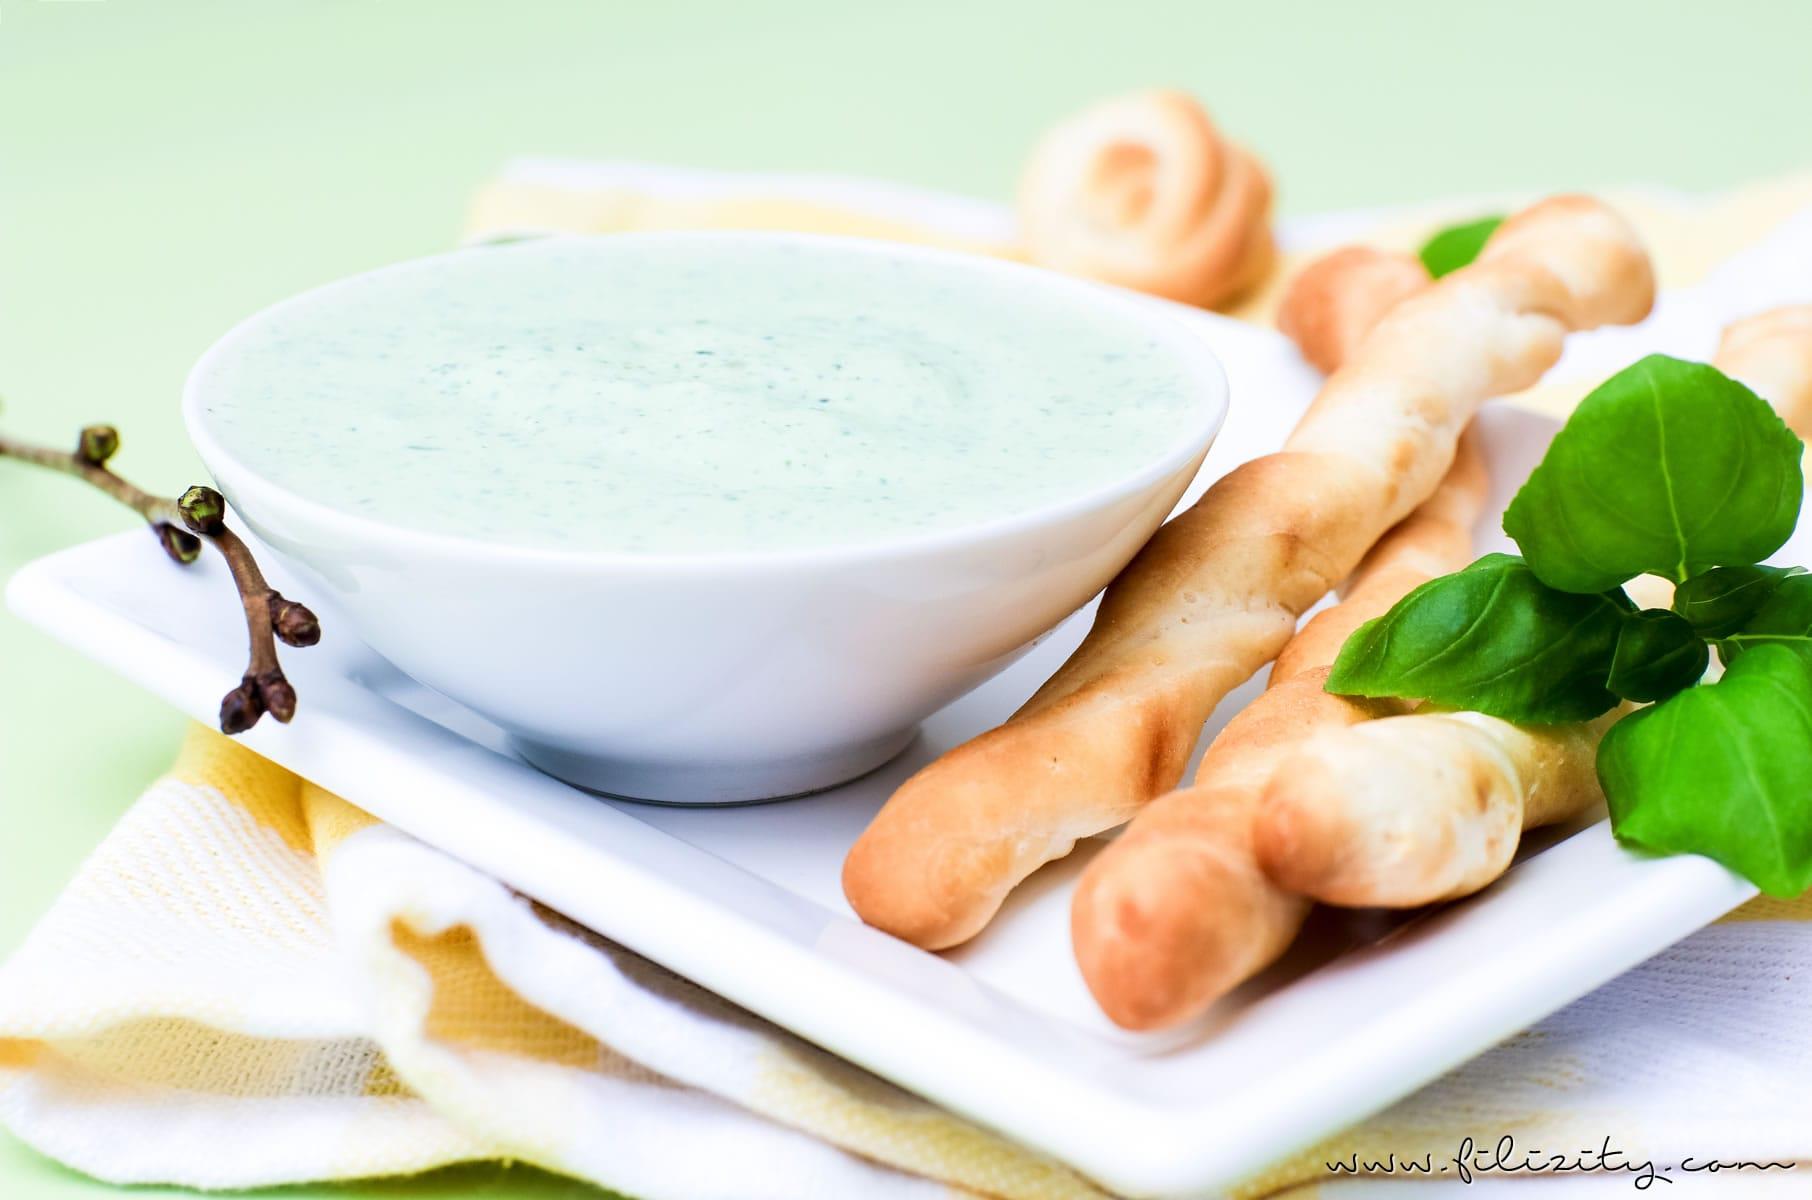 Ricotta Bärlauch Dip Rezept - Für Fingerfood, als Aufstrich oder zum Grillen | Auch perfekt für den Oster-Brunch! | Filizity.com | Food-Blog aus dem Rheinland #bärlauch #frühling #ostern